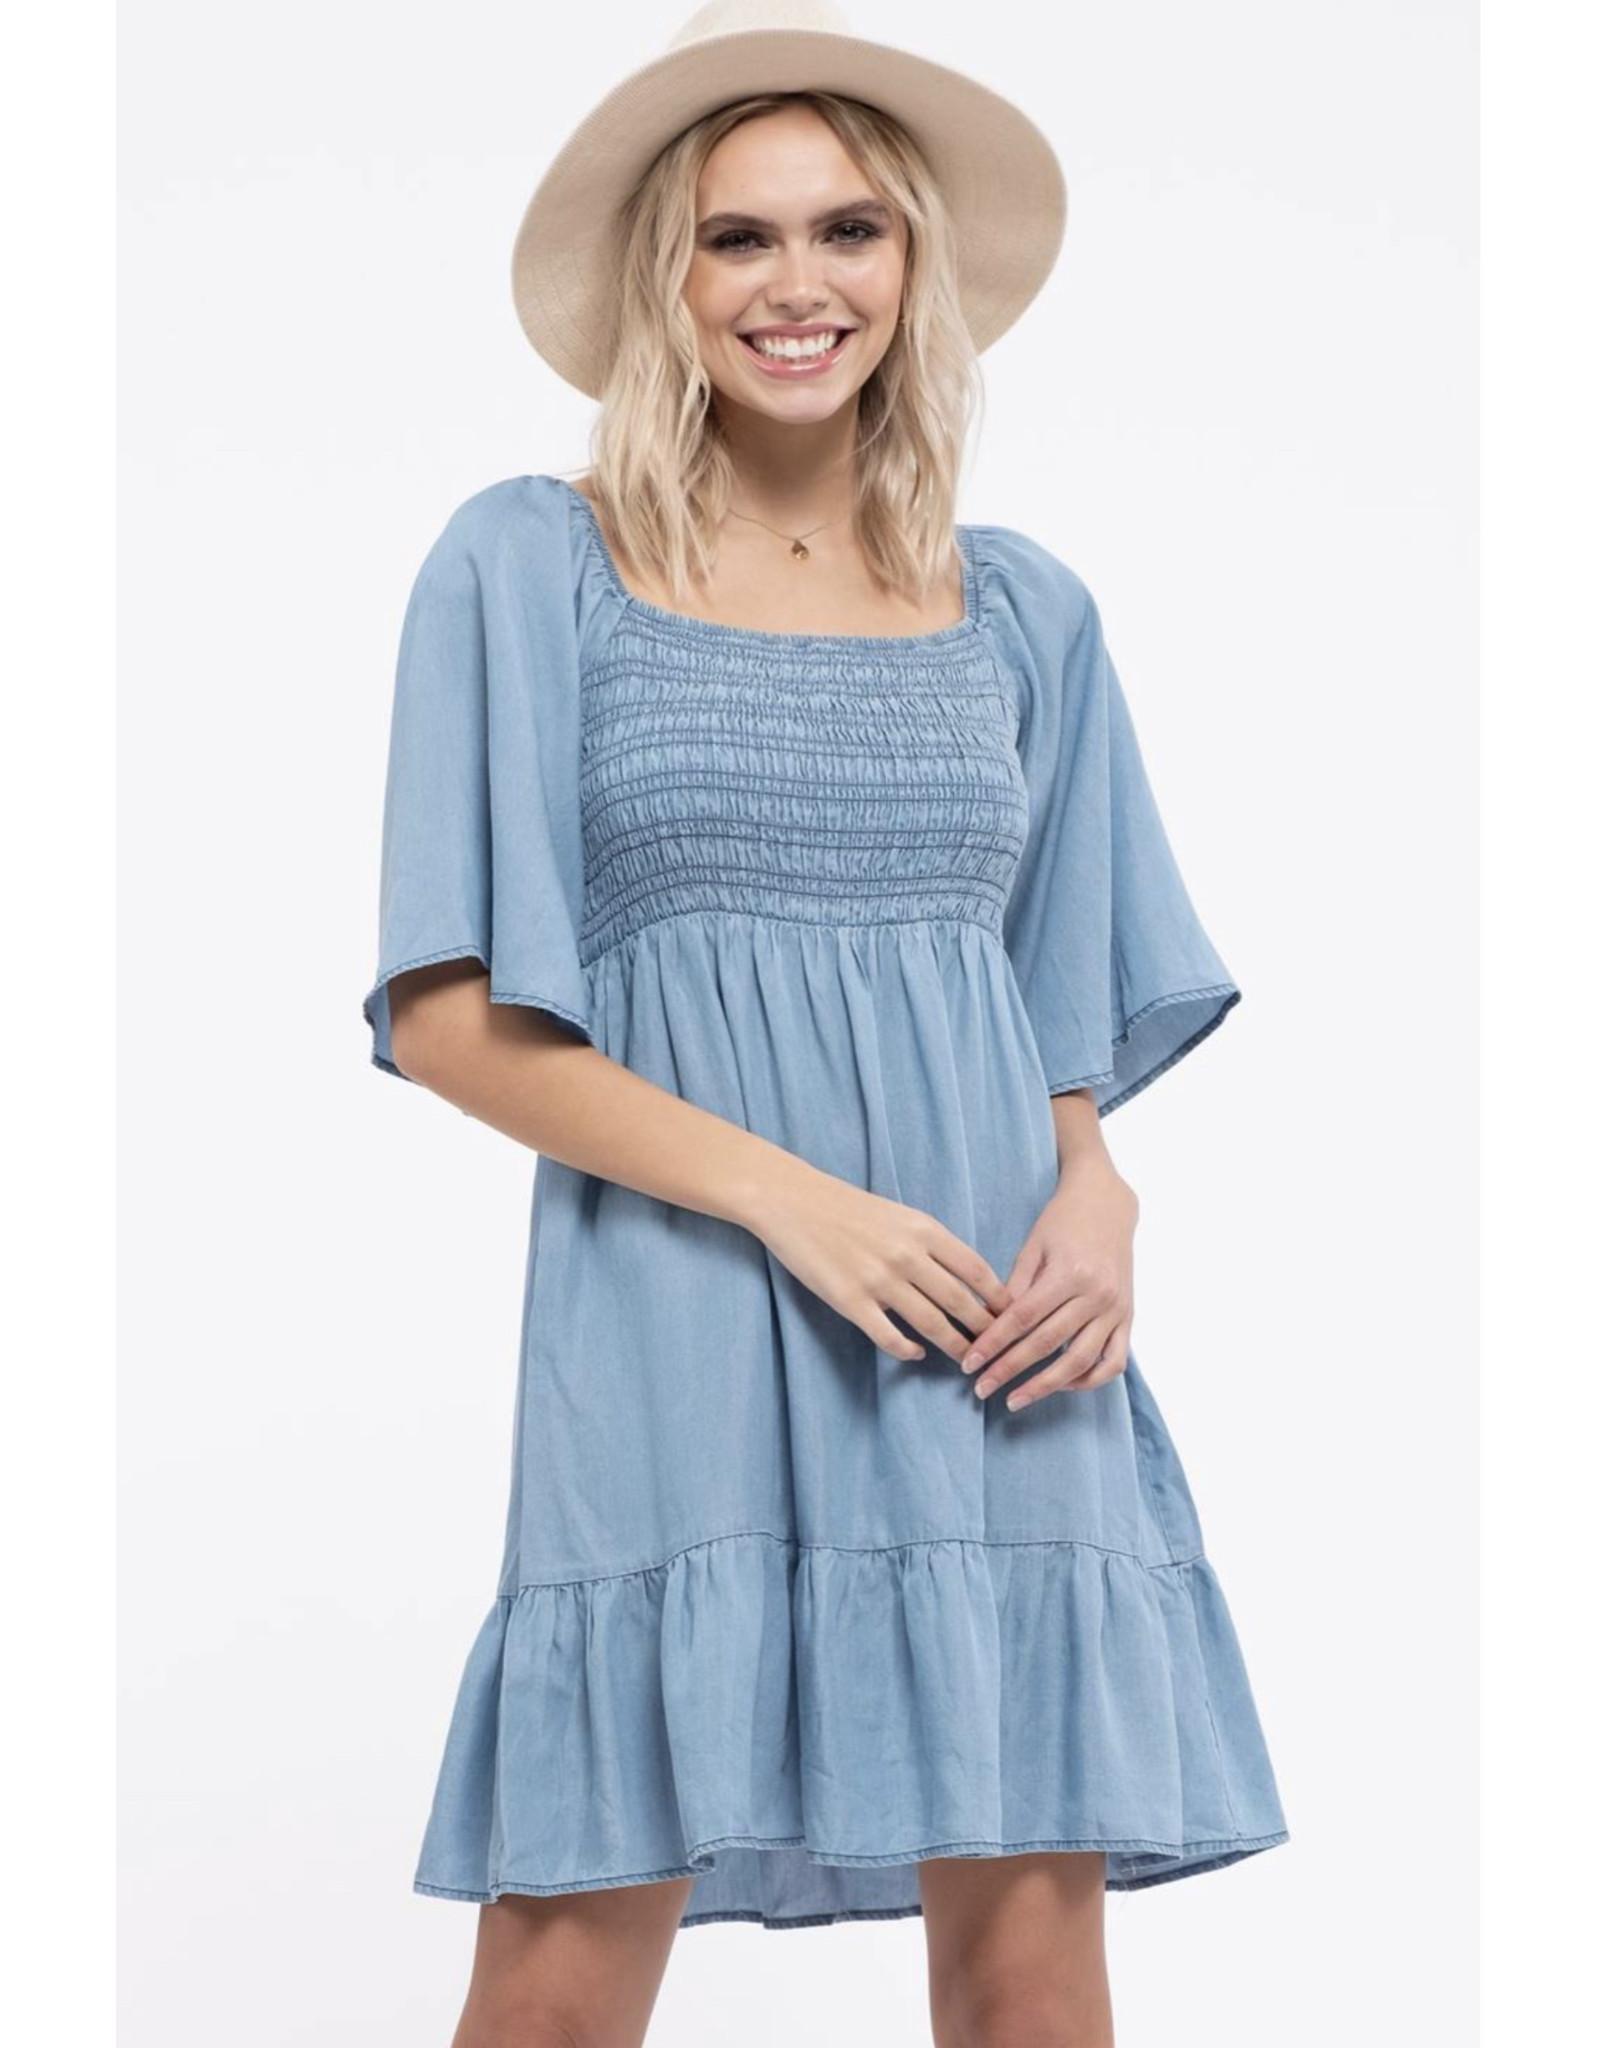 Blu Pepper Blu Pepper, Back Tie Mini Dress, Chambray